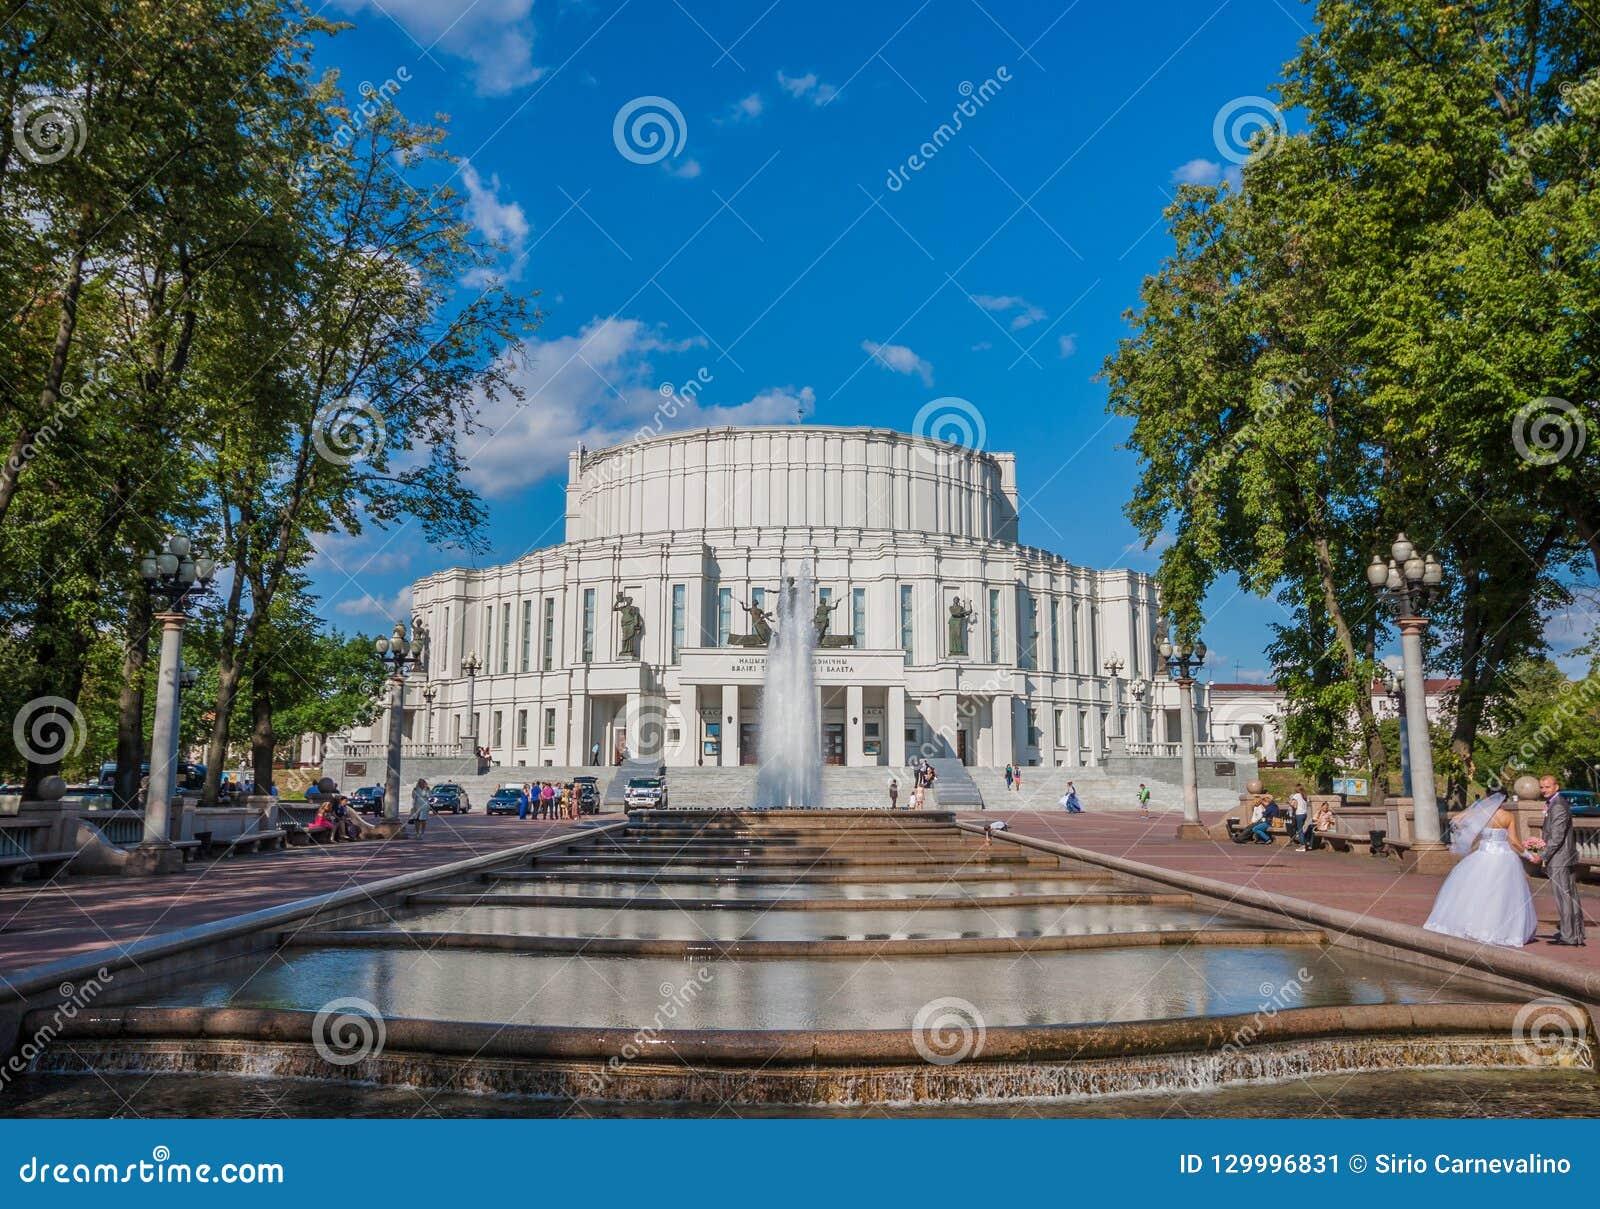 The soviet landmarks of Minsk, Belarus